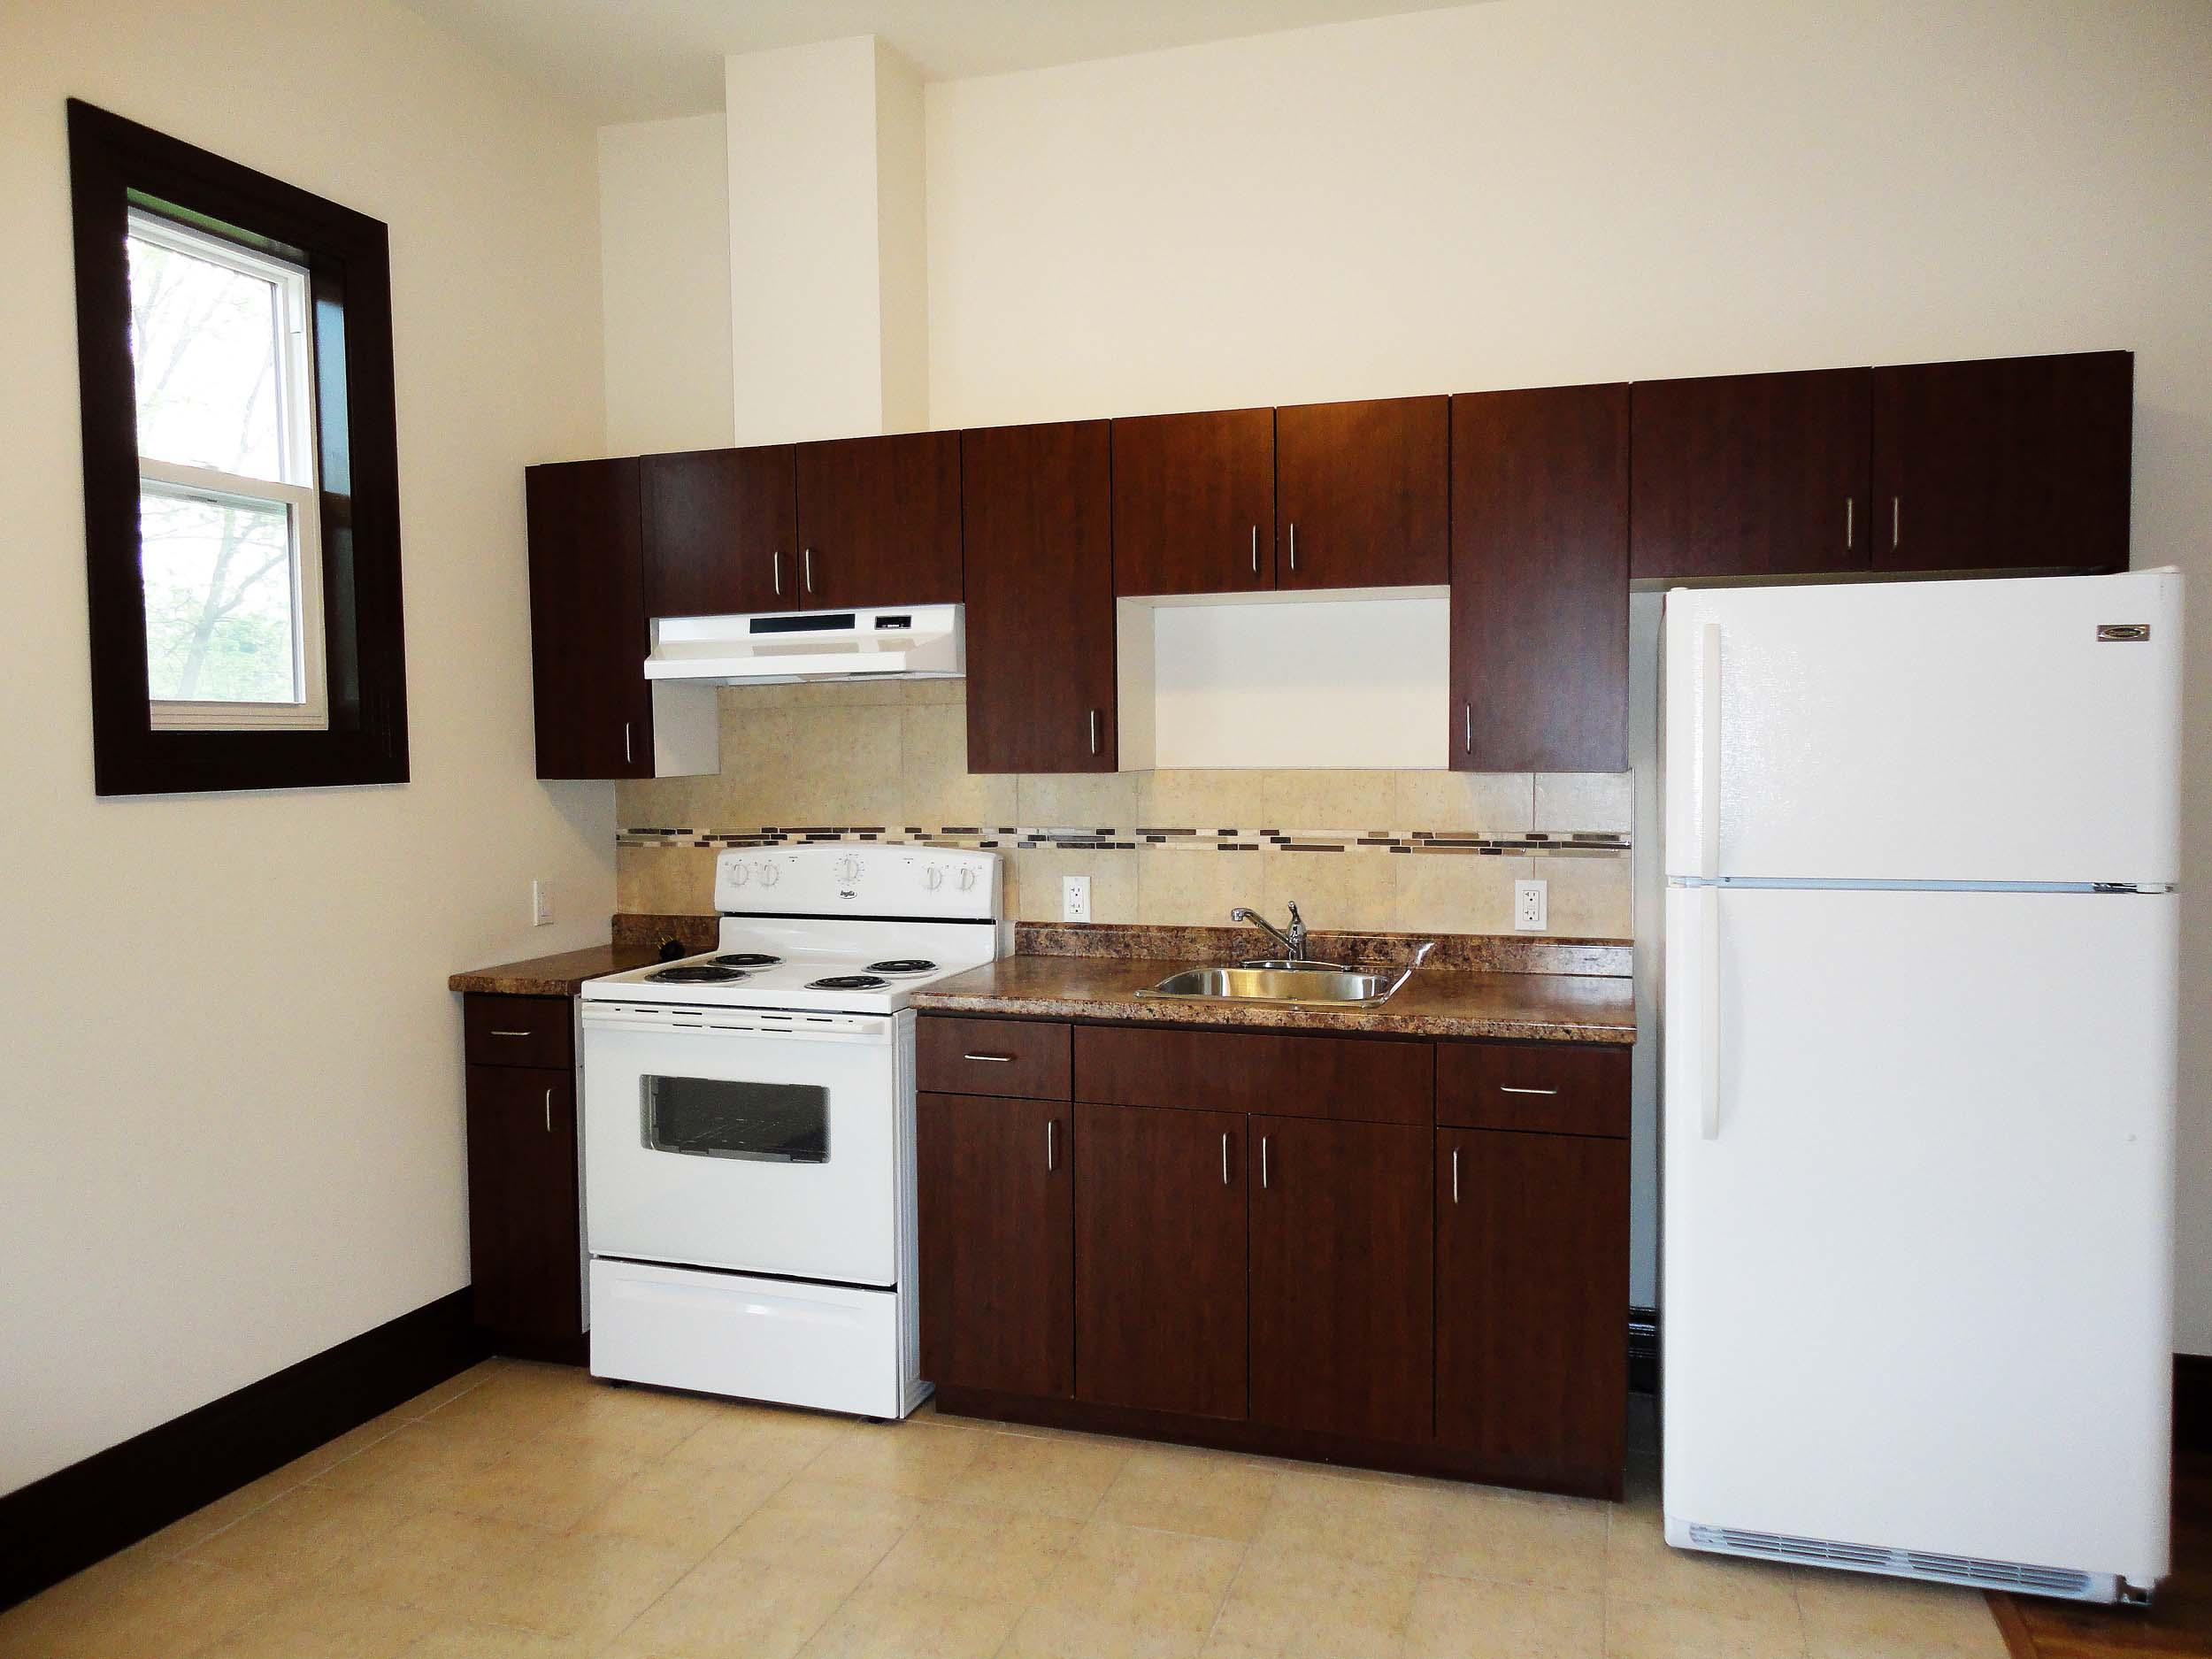 100 kijiji kitchen cabinets cabinet memorable for Kitchen cabinets kijiji